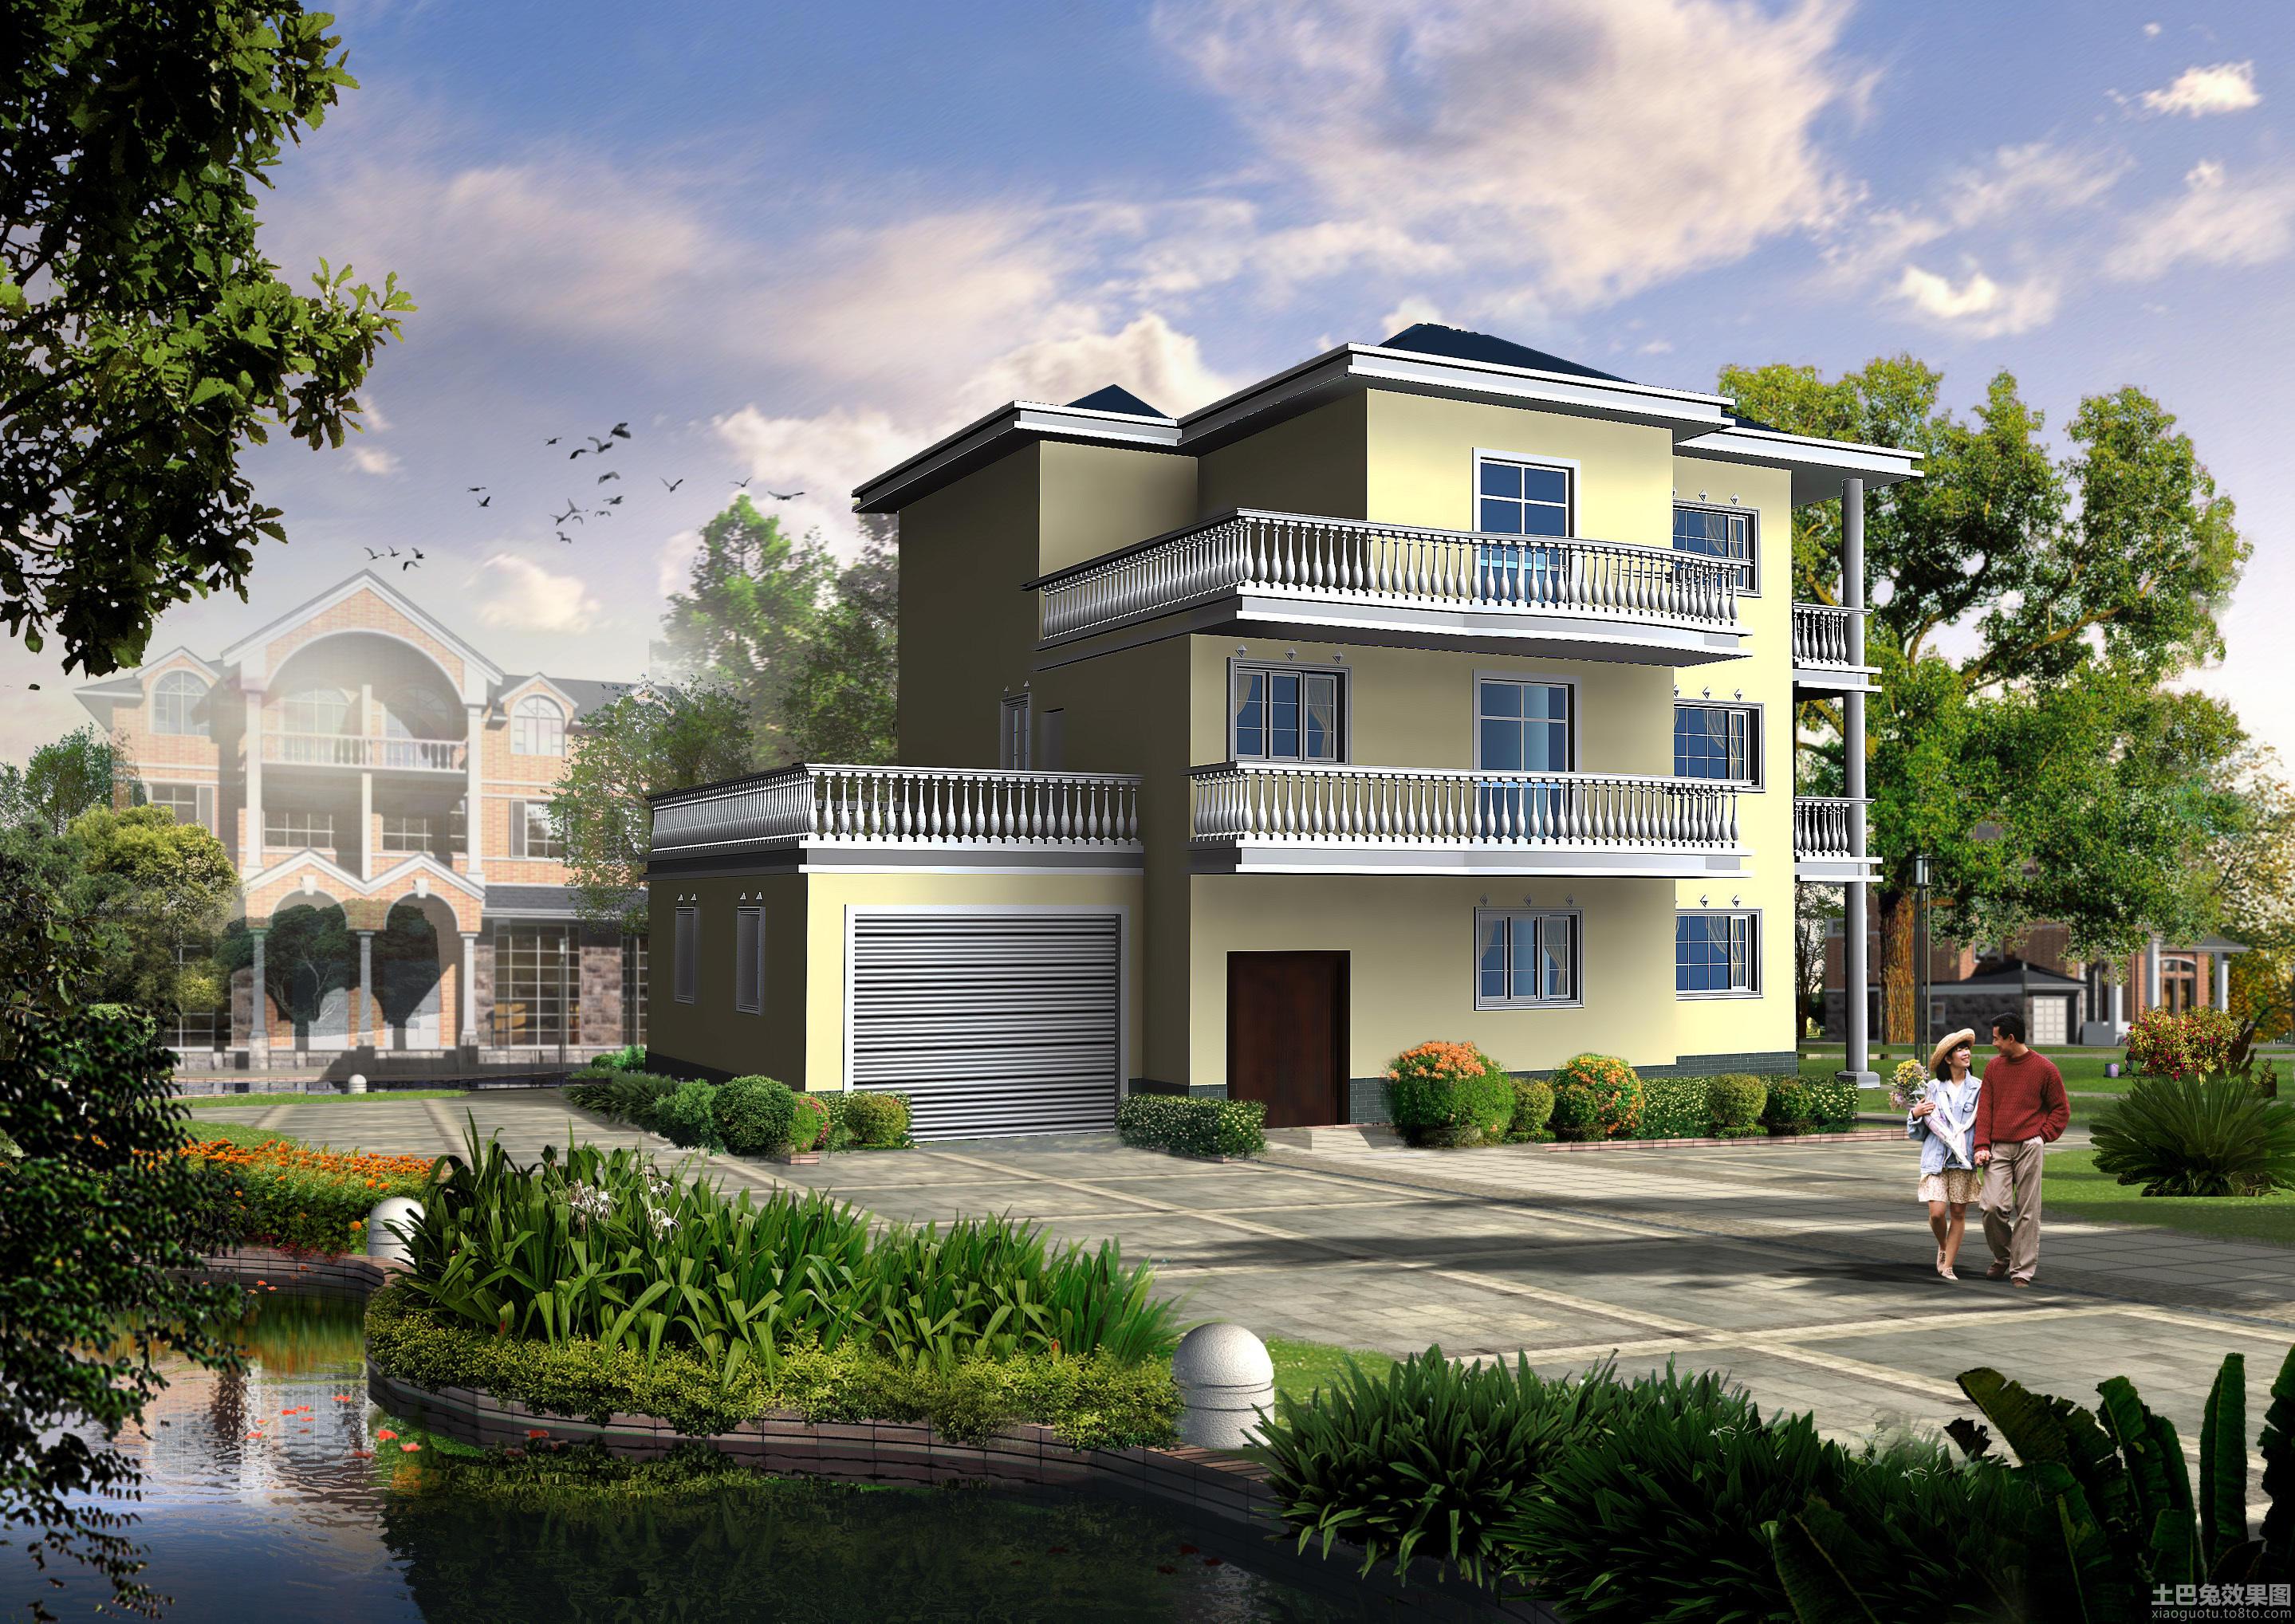 两层半农村自建房设计图 第12张 九正家居装修效果图